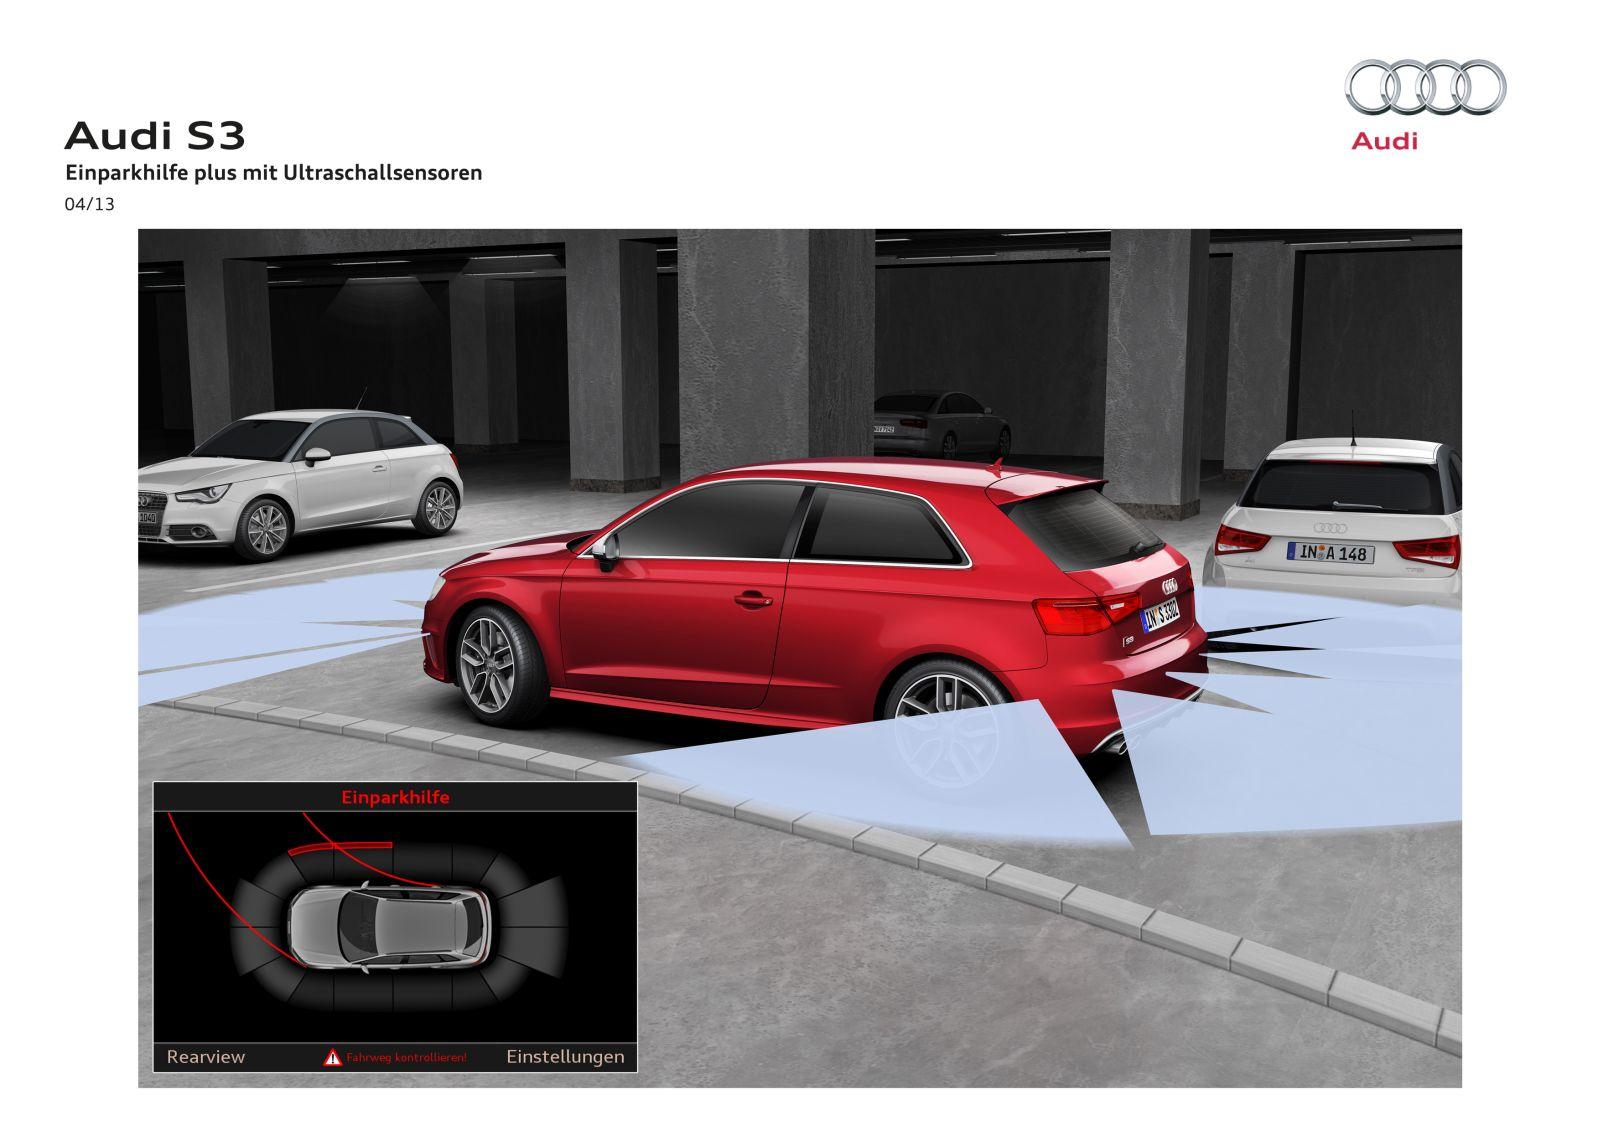 A4e Gallery Audi A3 Neu Audi S3 8v Technik